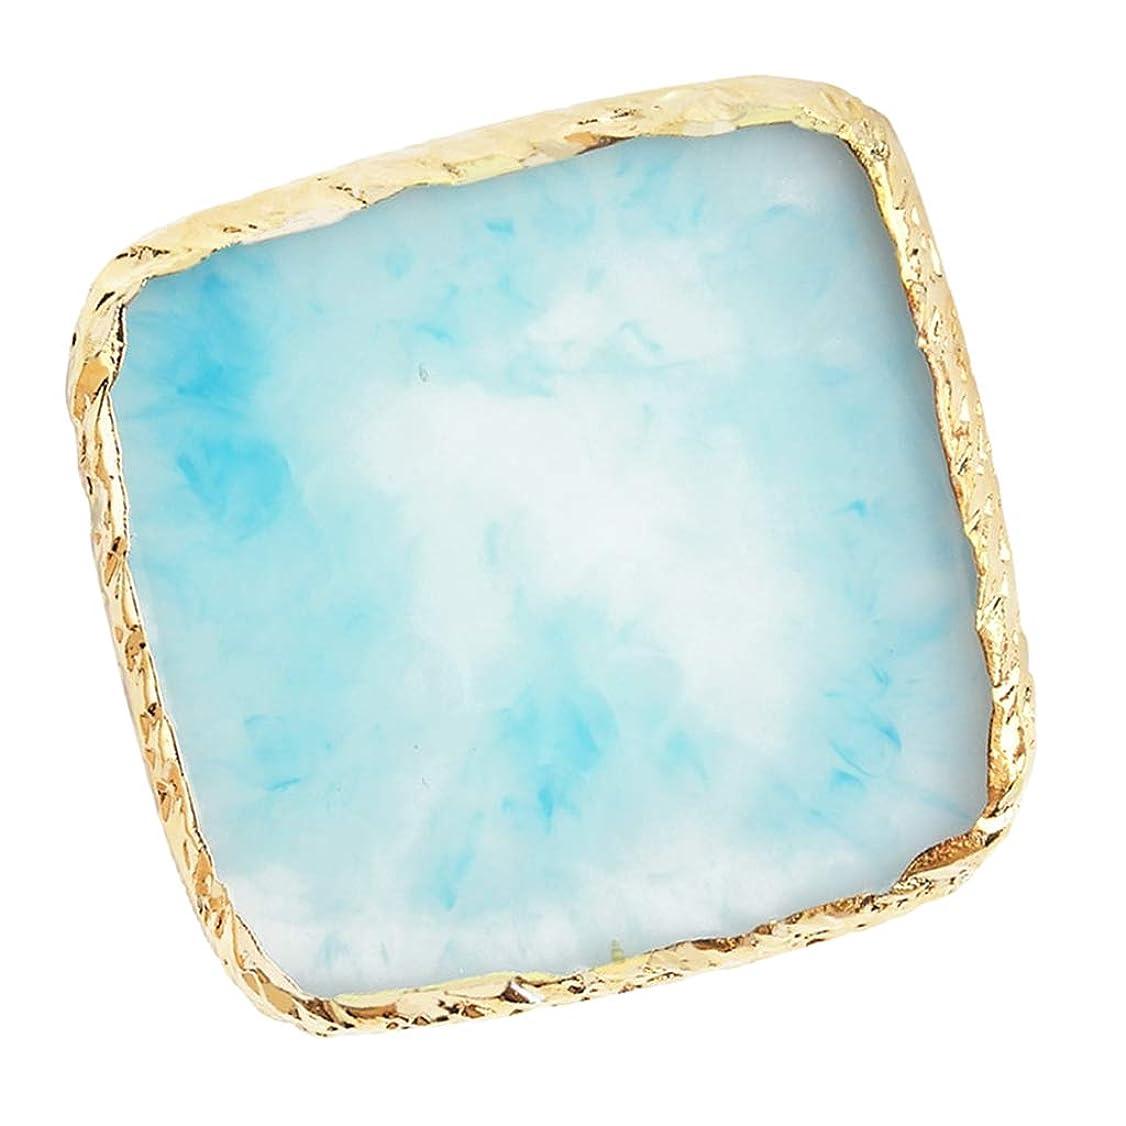 ローマ人論理的フライトCUTICATE ネイルアート カラーブレンド ミキシングパレット 樹脂製 耐久性 清掃しやすい 6色選べ - 青